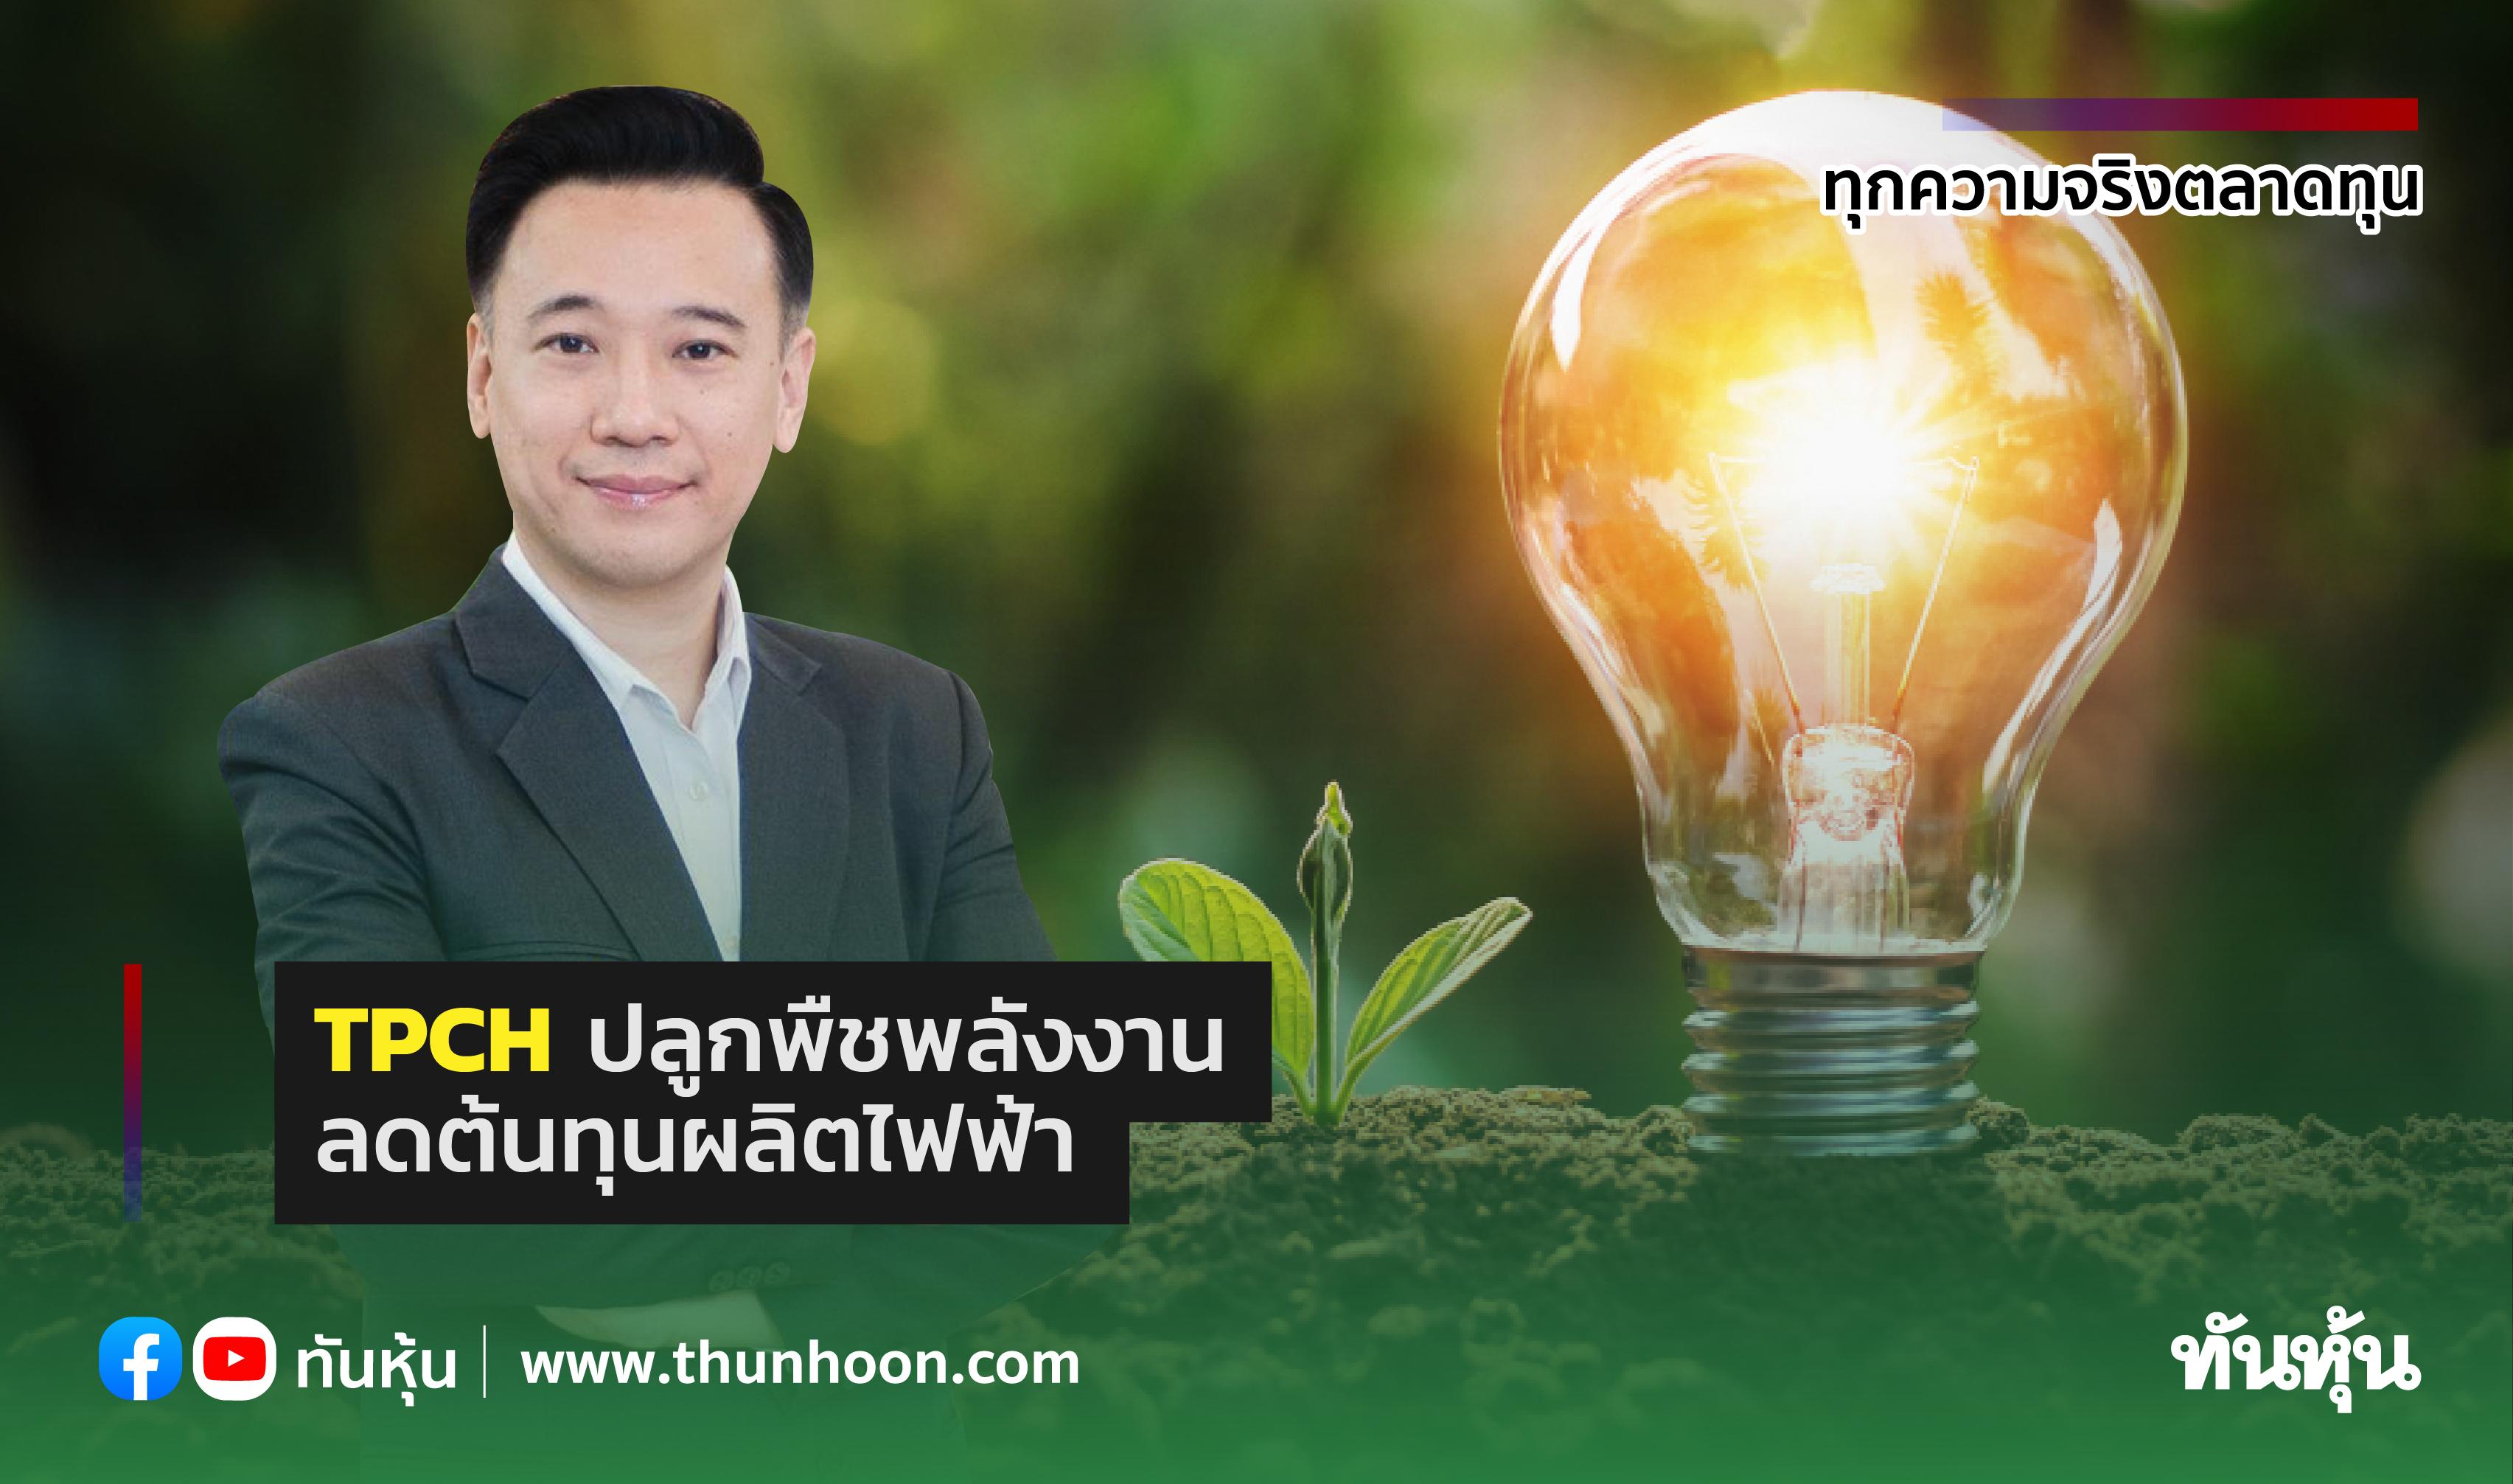 TPCHปลูกพืชพลังงาน ลดต้นทุนผลิตไฟฟ้า